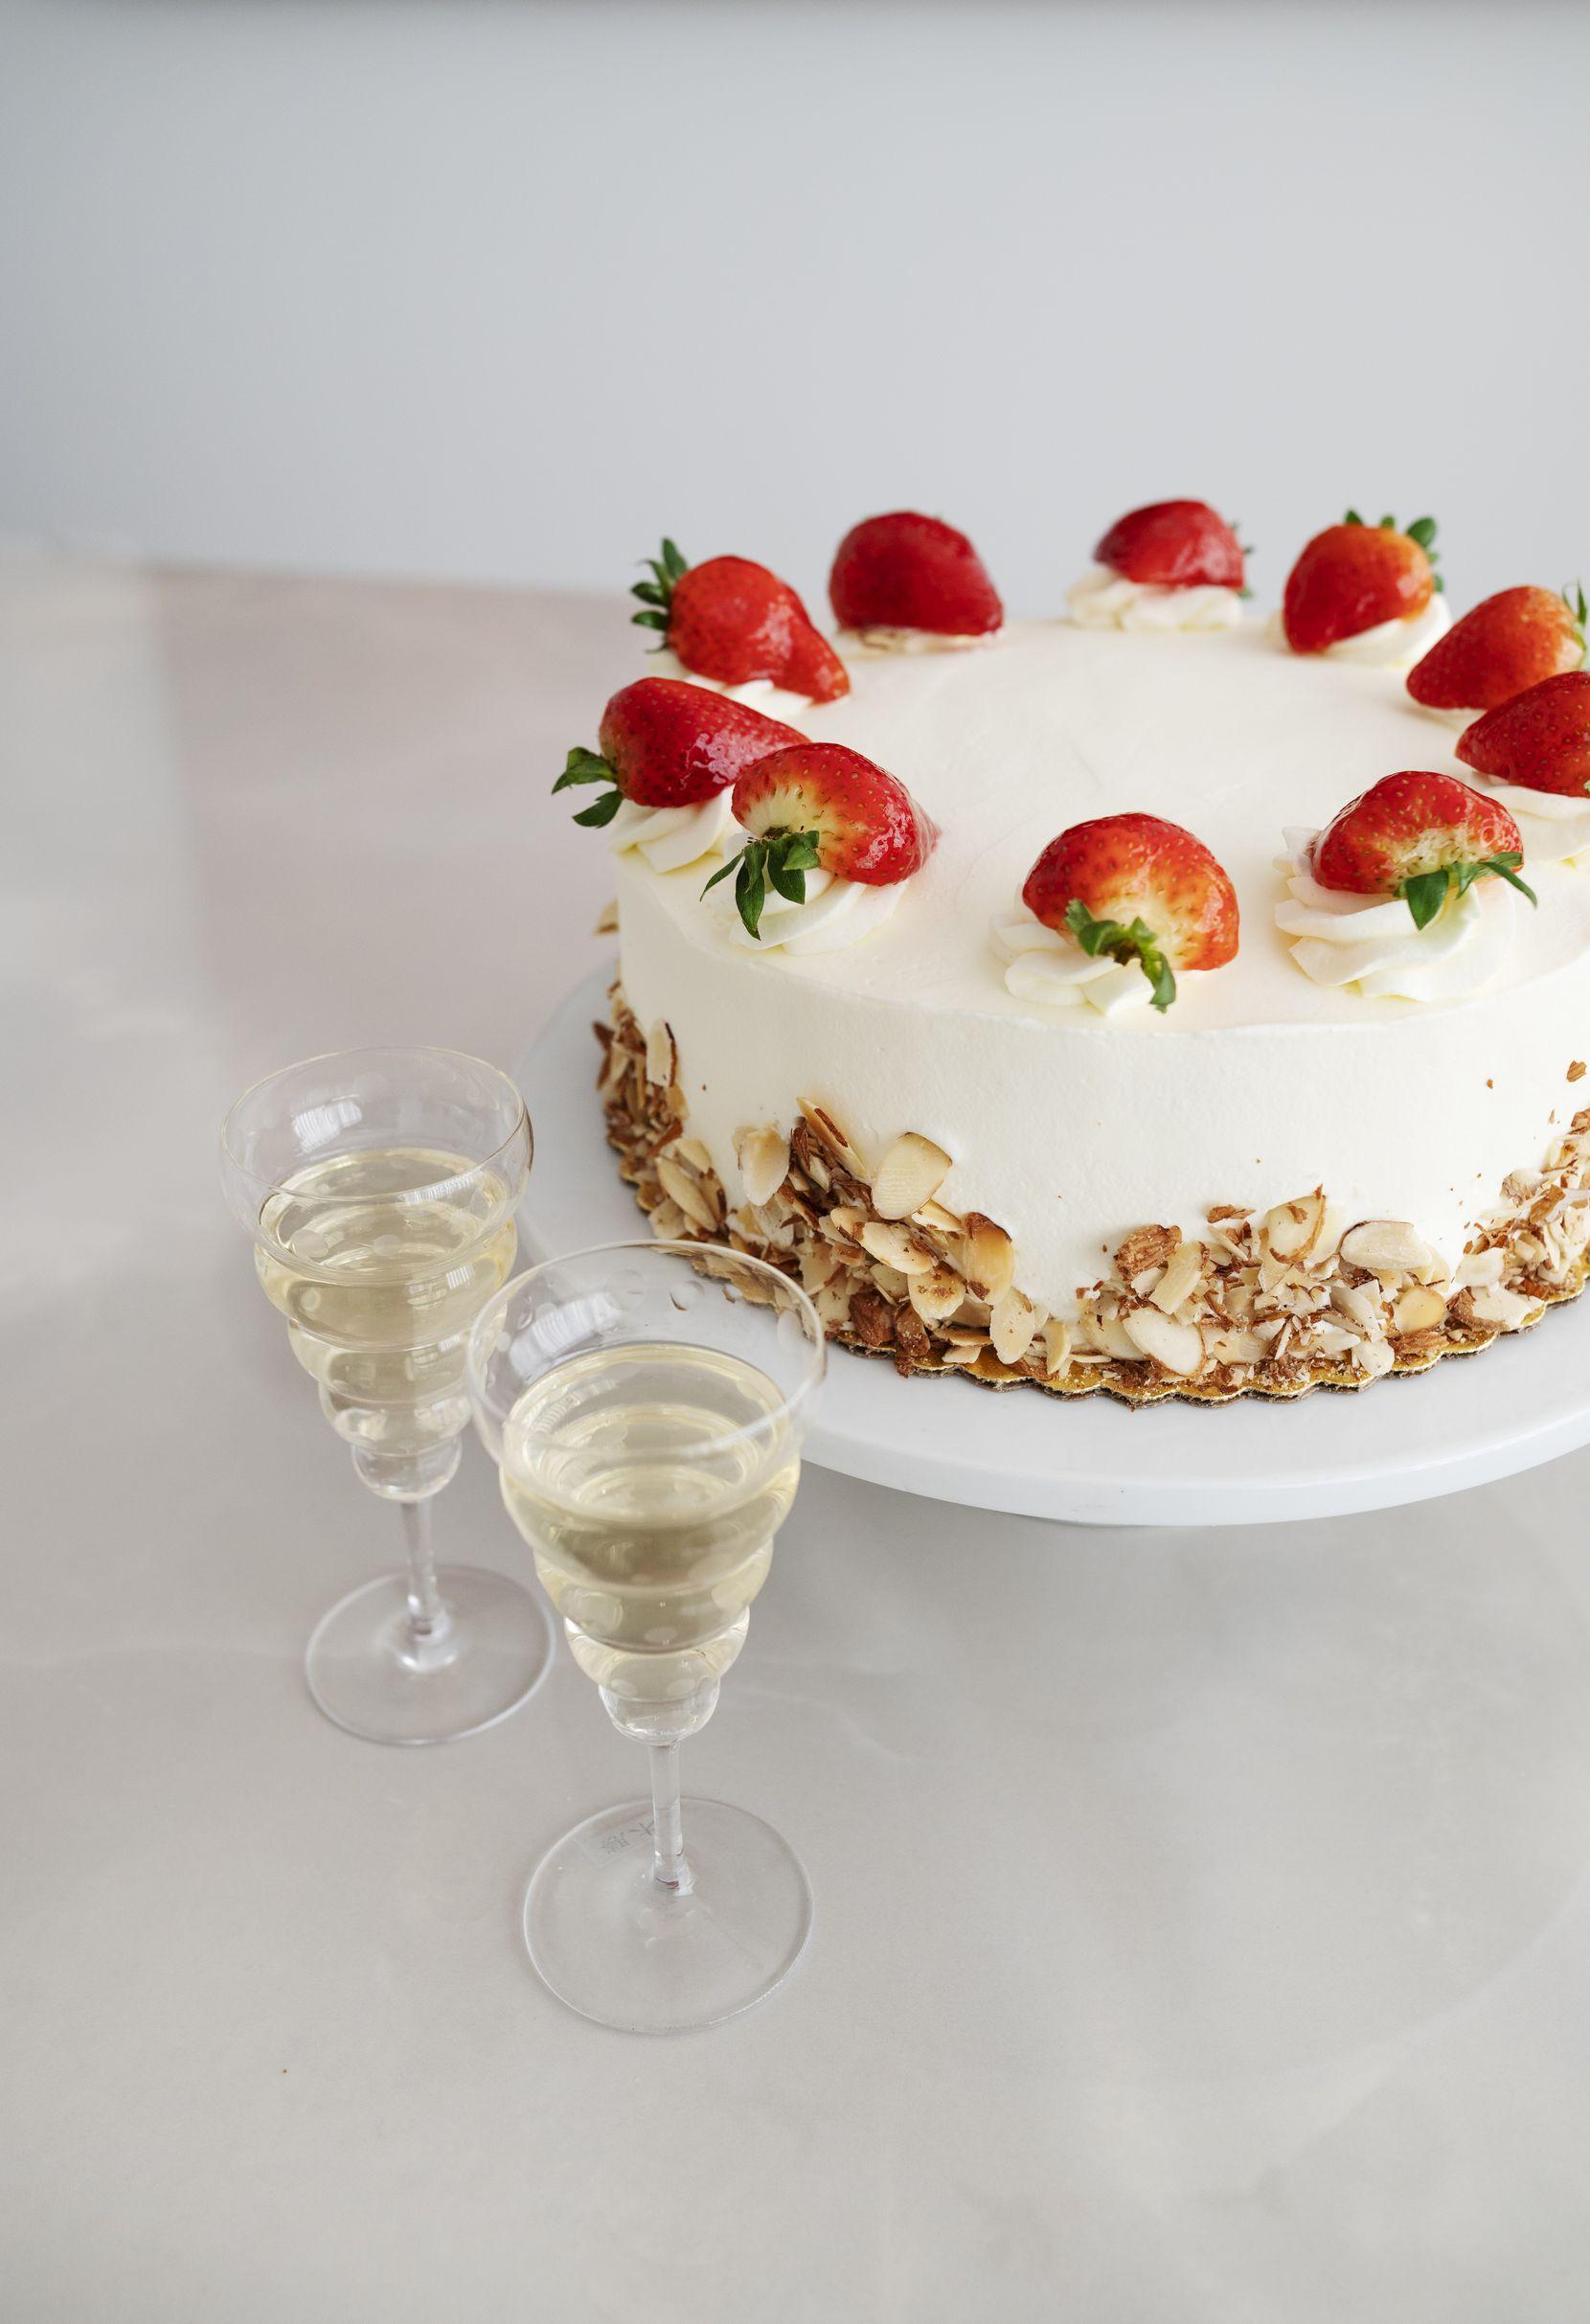 Central Market's strawberry shortcake with Michele Chiarlo Nivole Moscato d'Asti